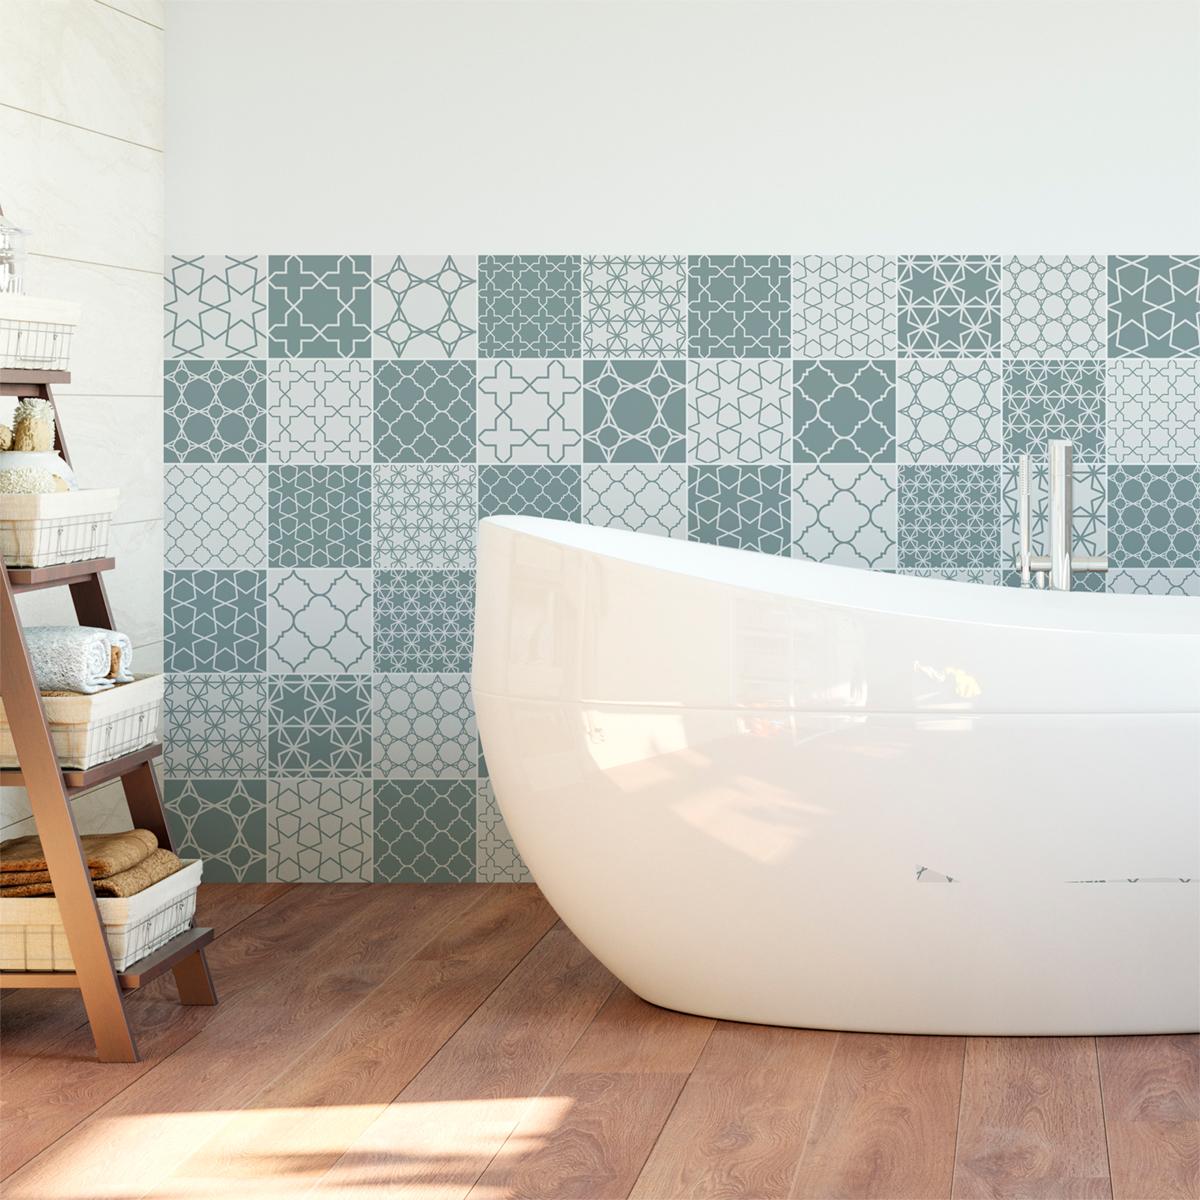 60 stickers carrelages scandinave kvasir salle de bain for Carrelage salle de bain scandinave